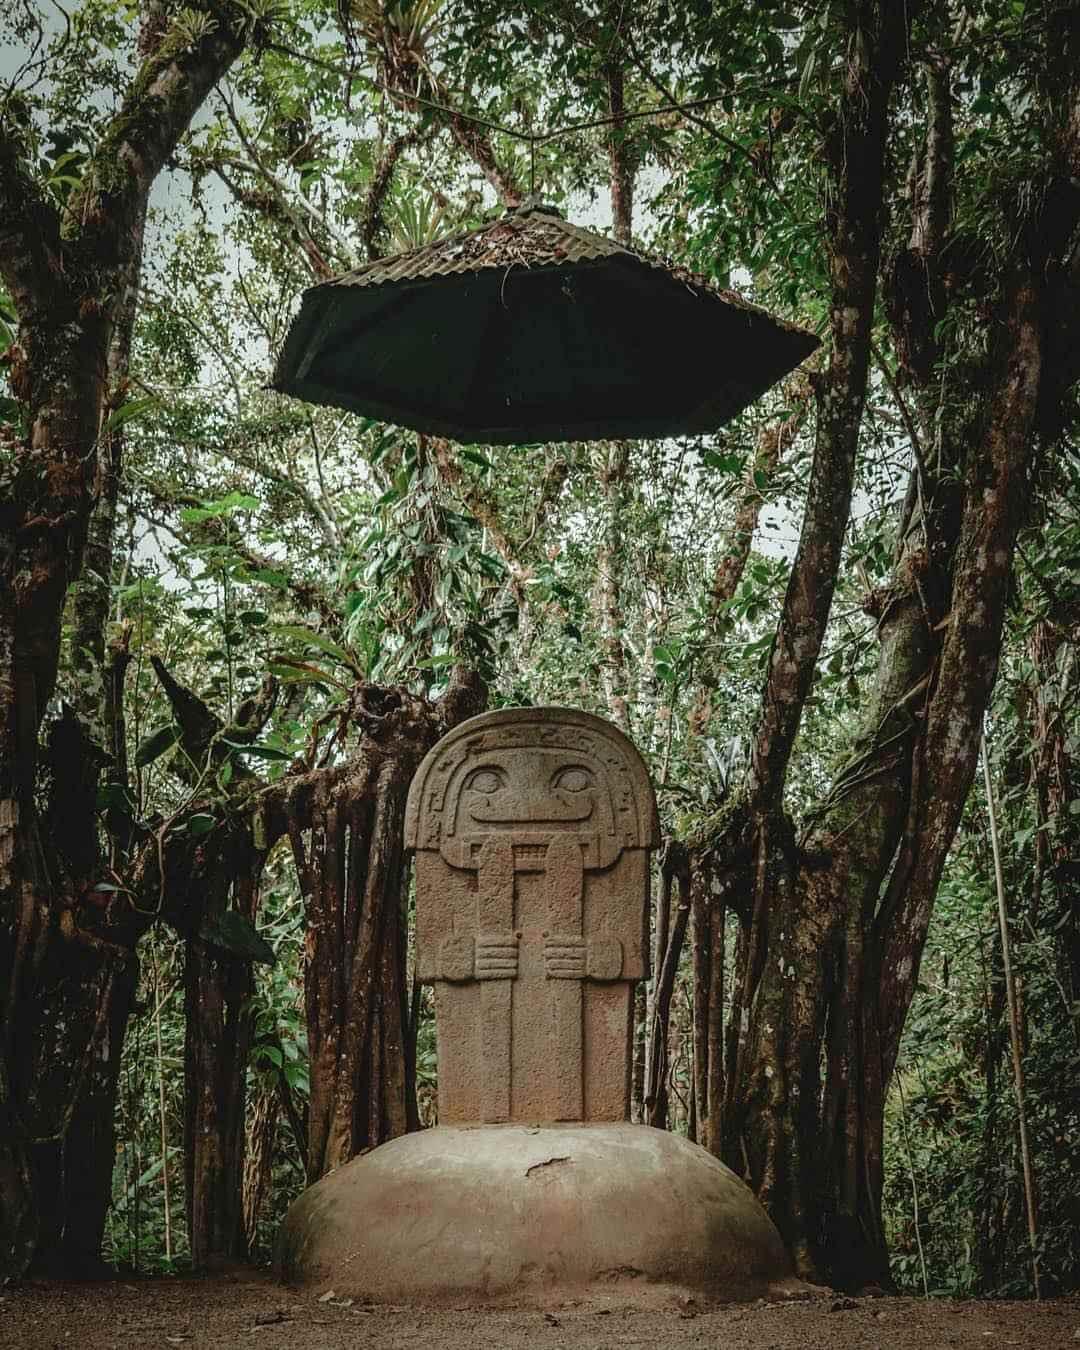 Bosque de estatuas parque arqueológico San Agustín